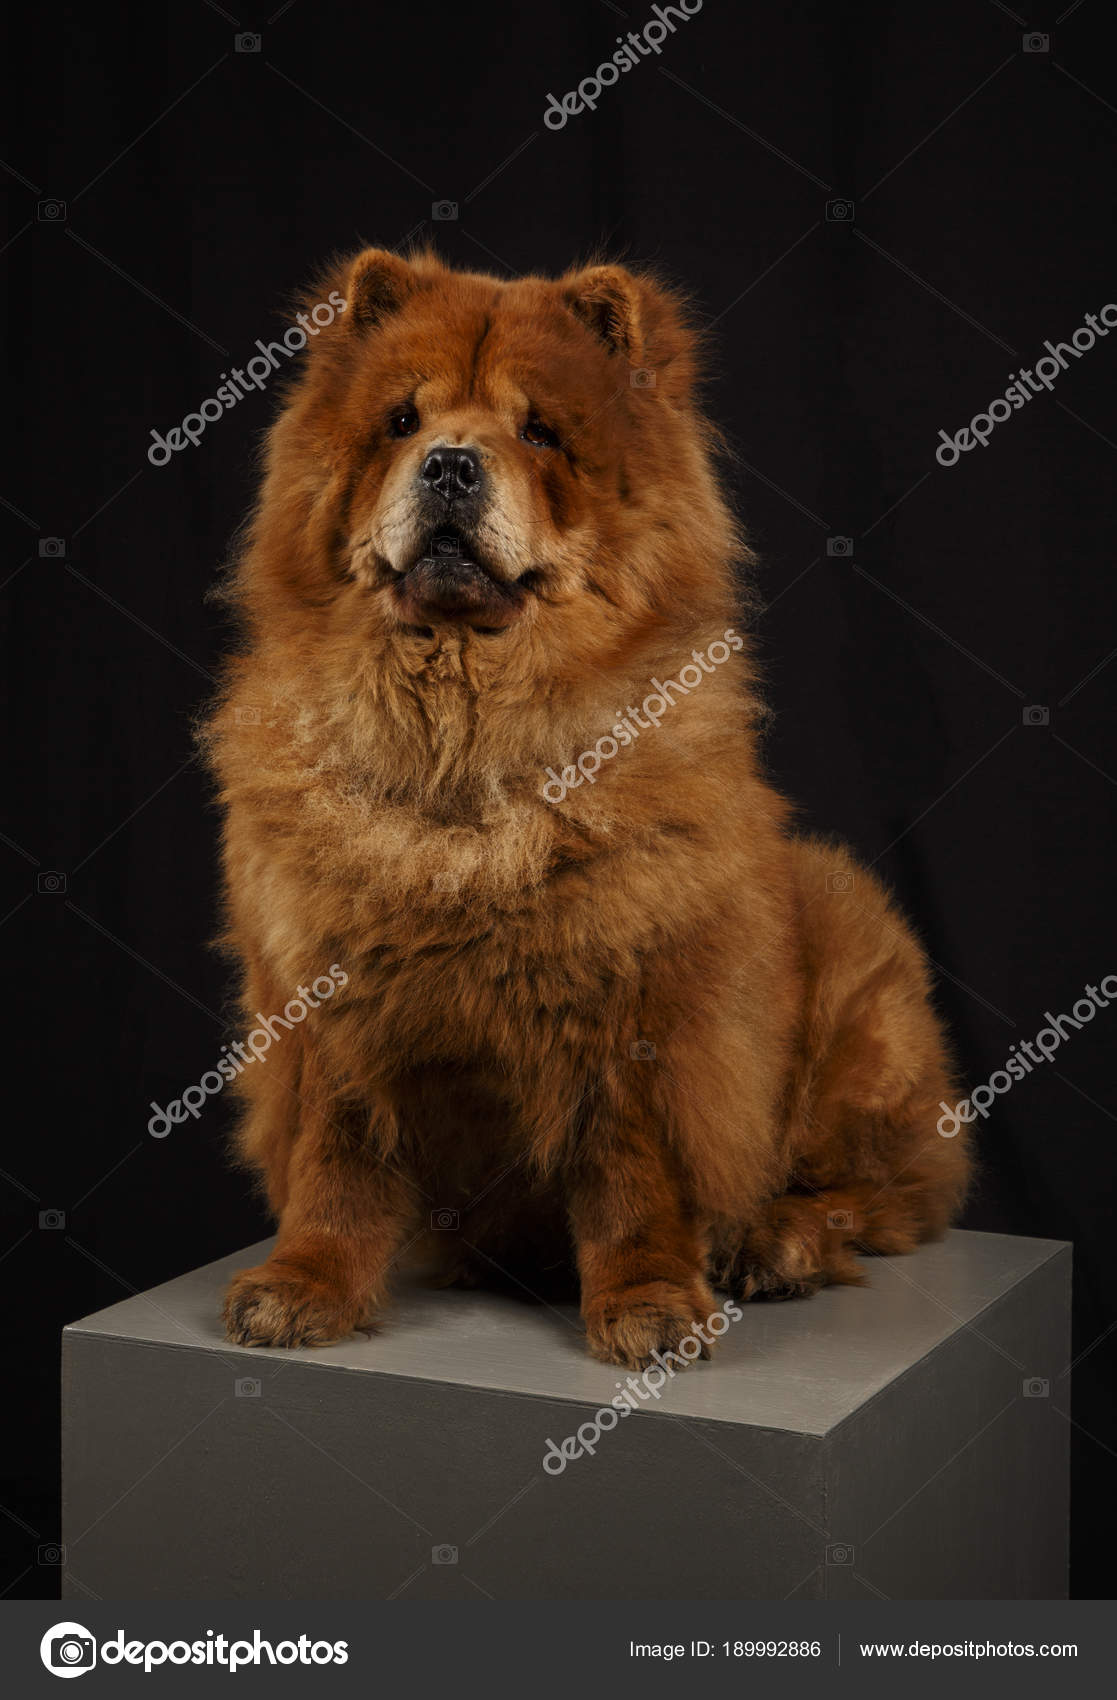 Chow Chow Hund Sieht Aus Wie Ein Bär Stockfoto Kmmna At Yandexru